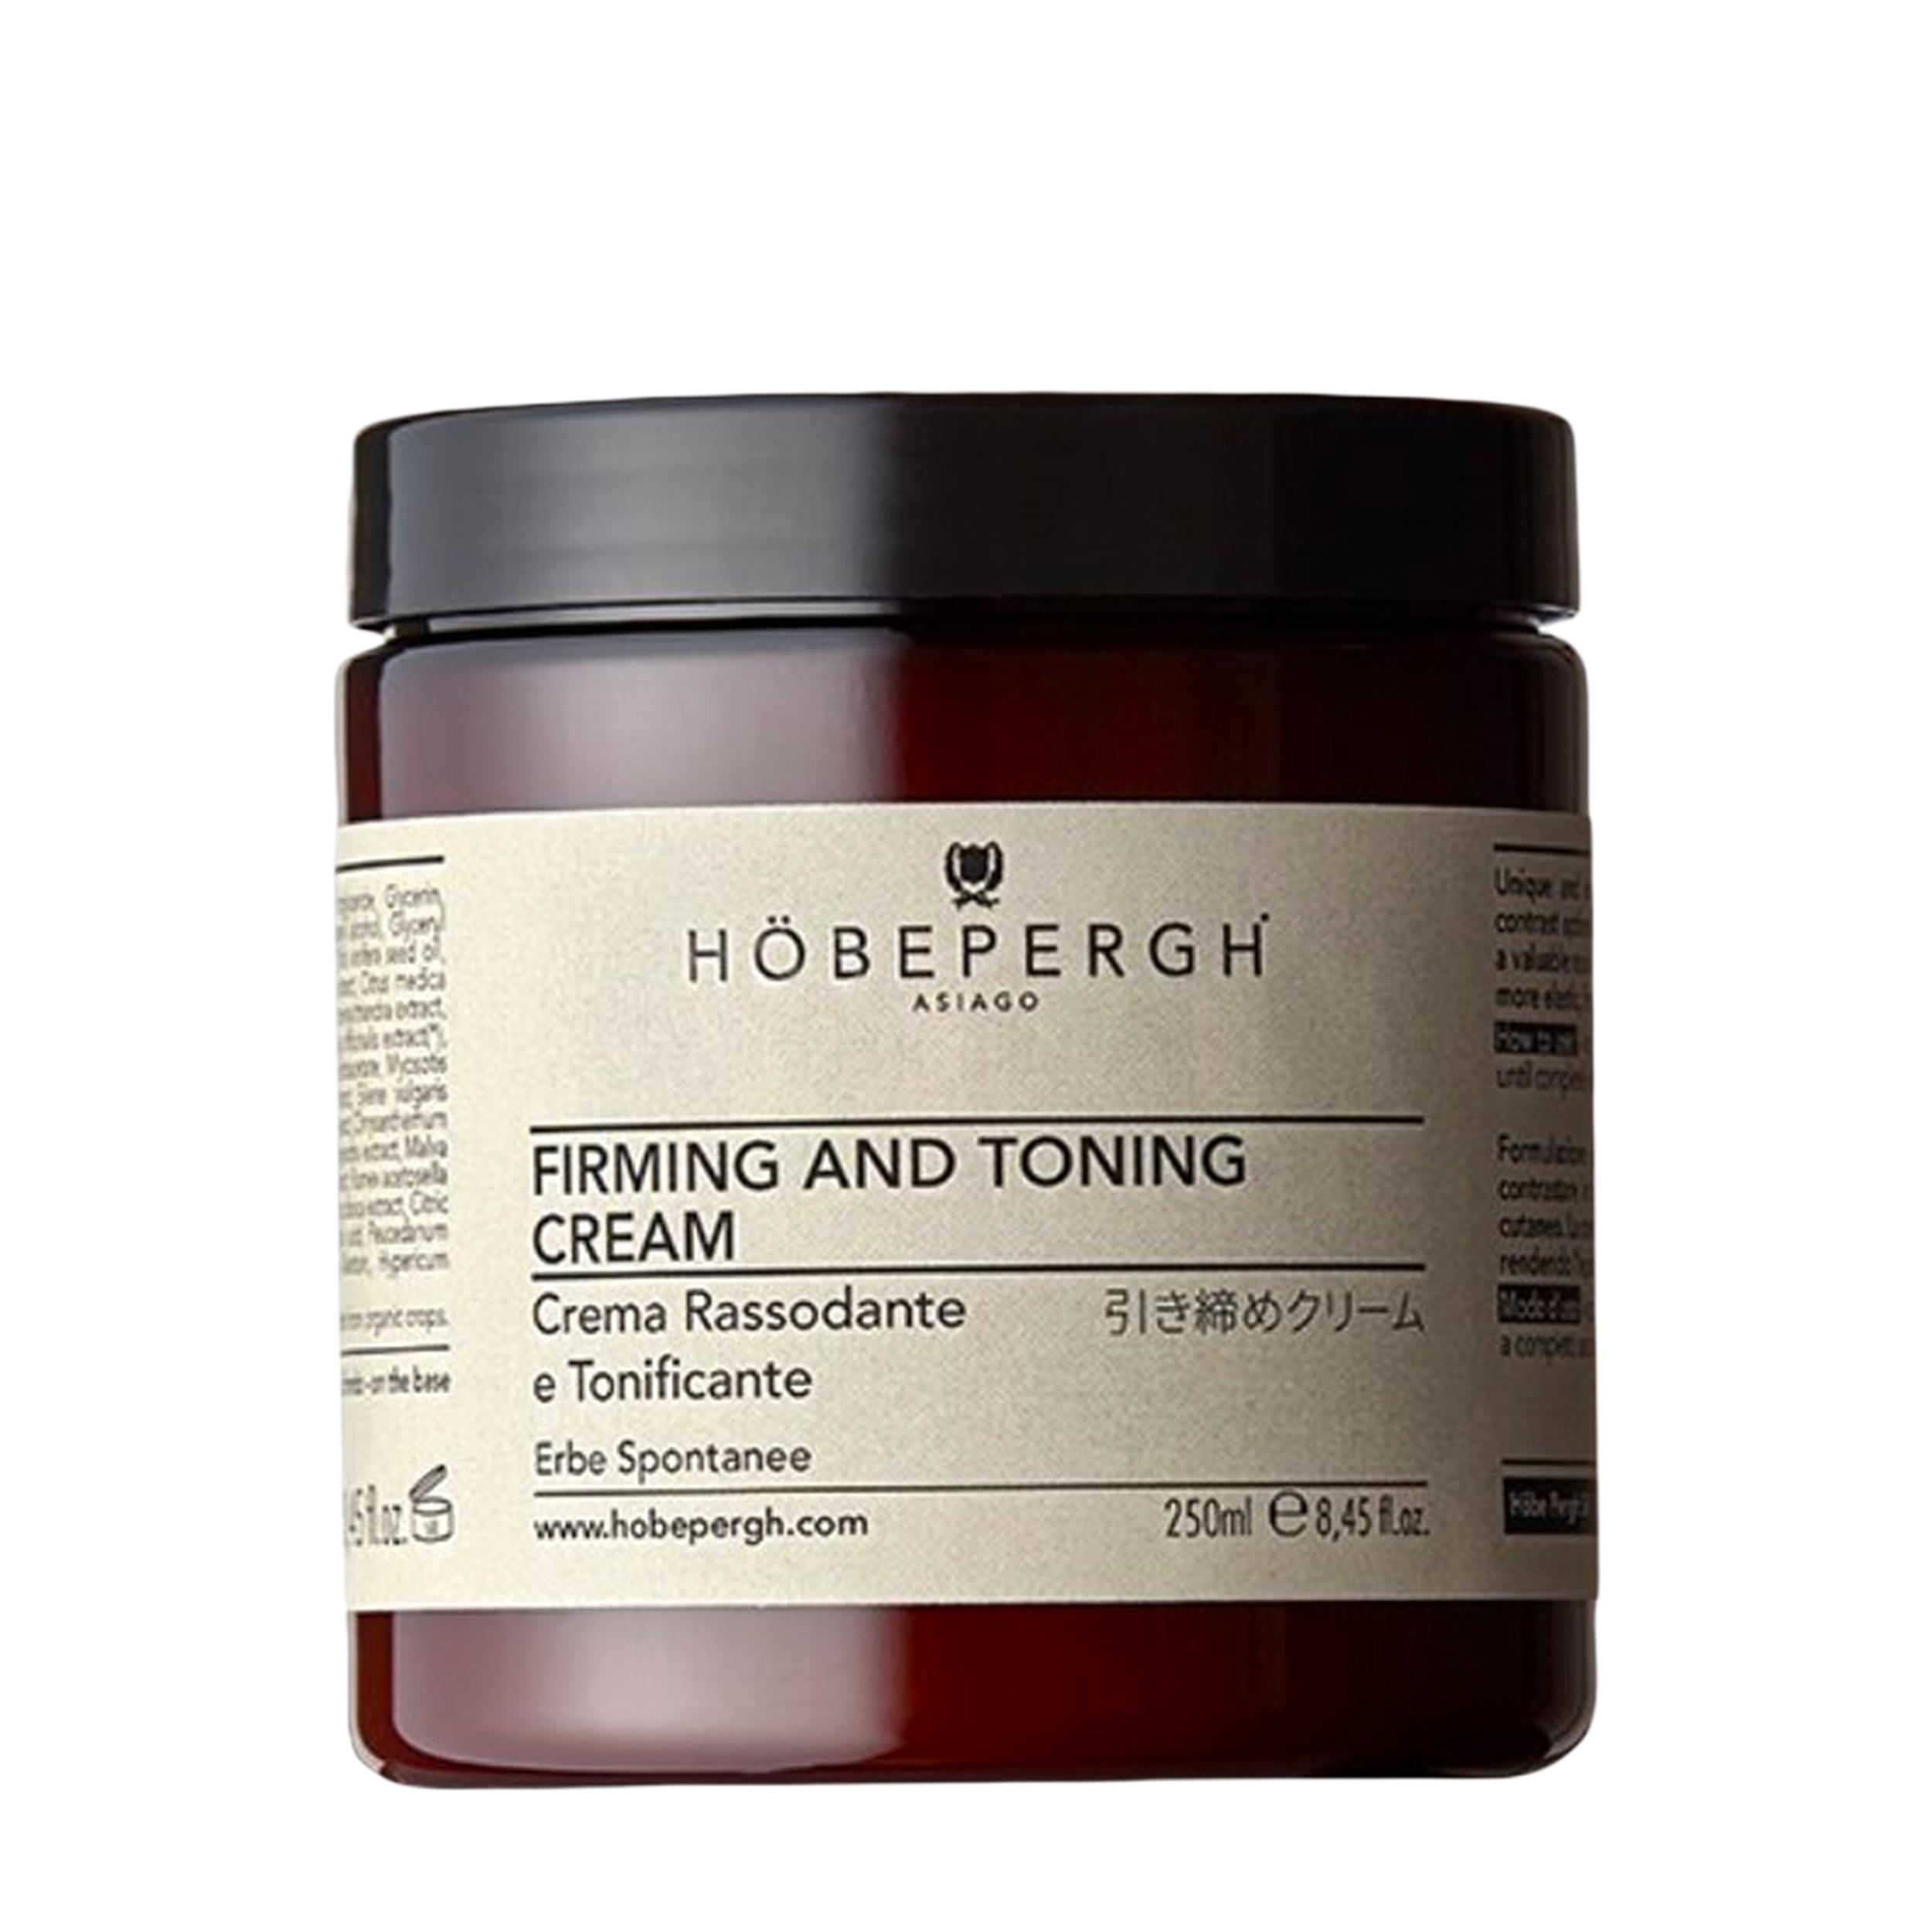 Купить HOBEPERGH Крем для тела укрепляющий и тонизирующий